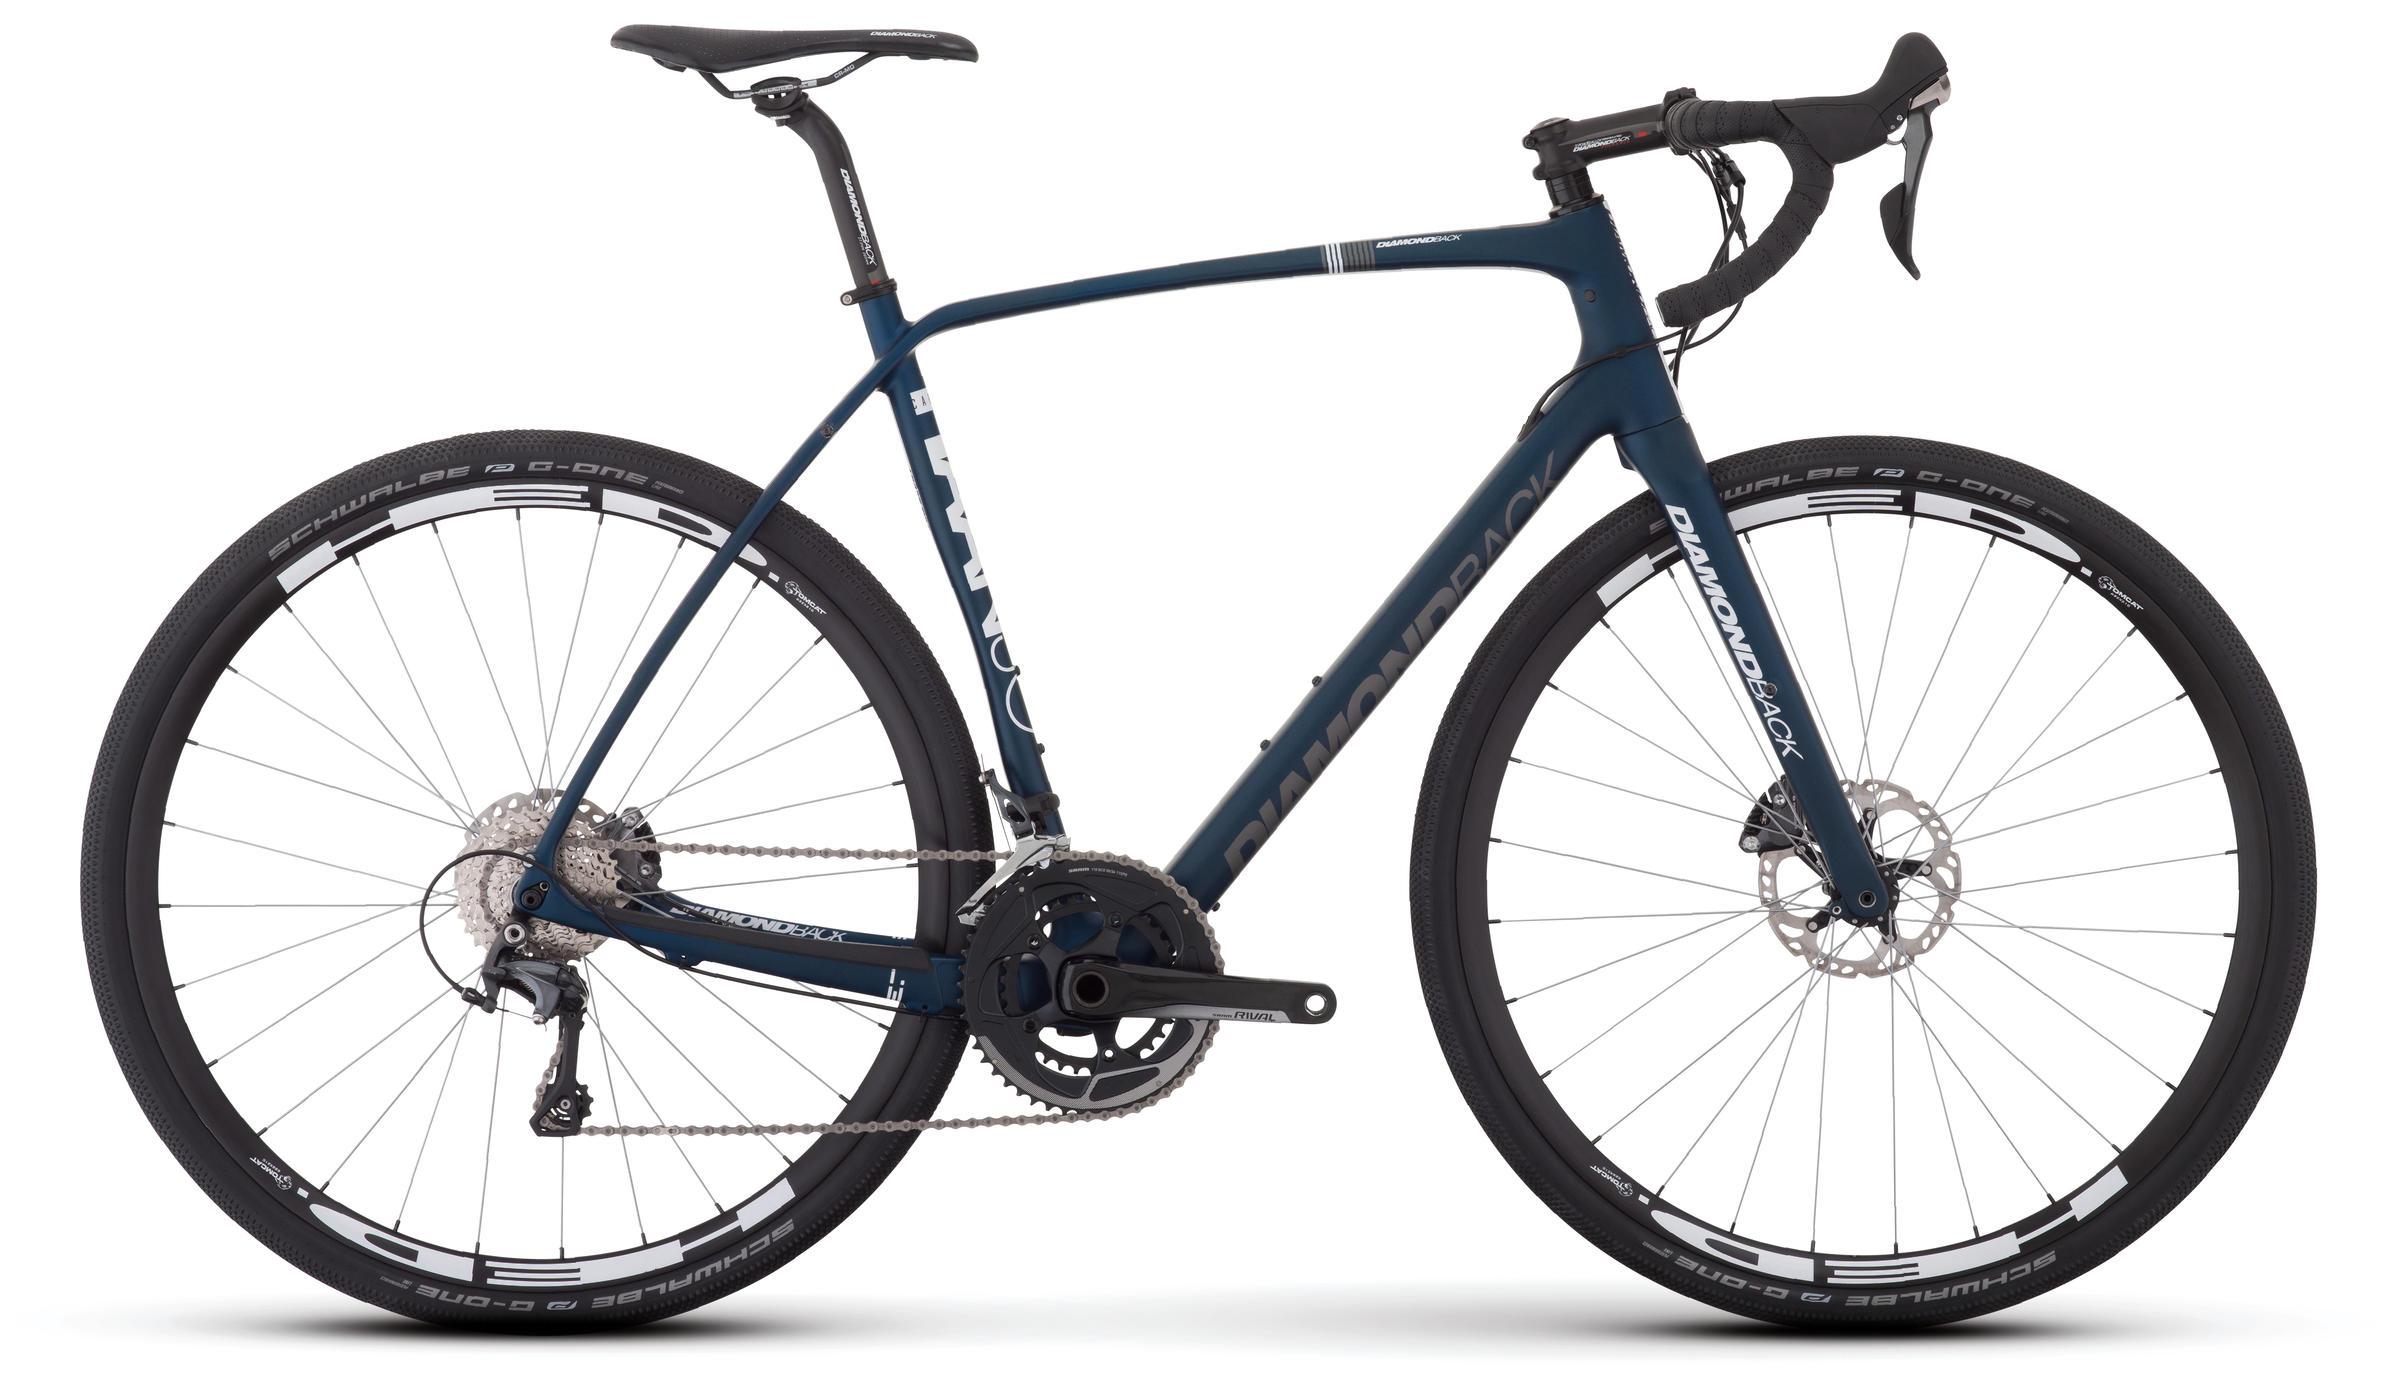 2bde54f7de5 Diamondback Haanjo Trail Carbon - Bonzai Cycle Werx | North Richland ...